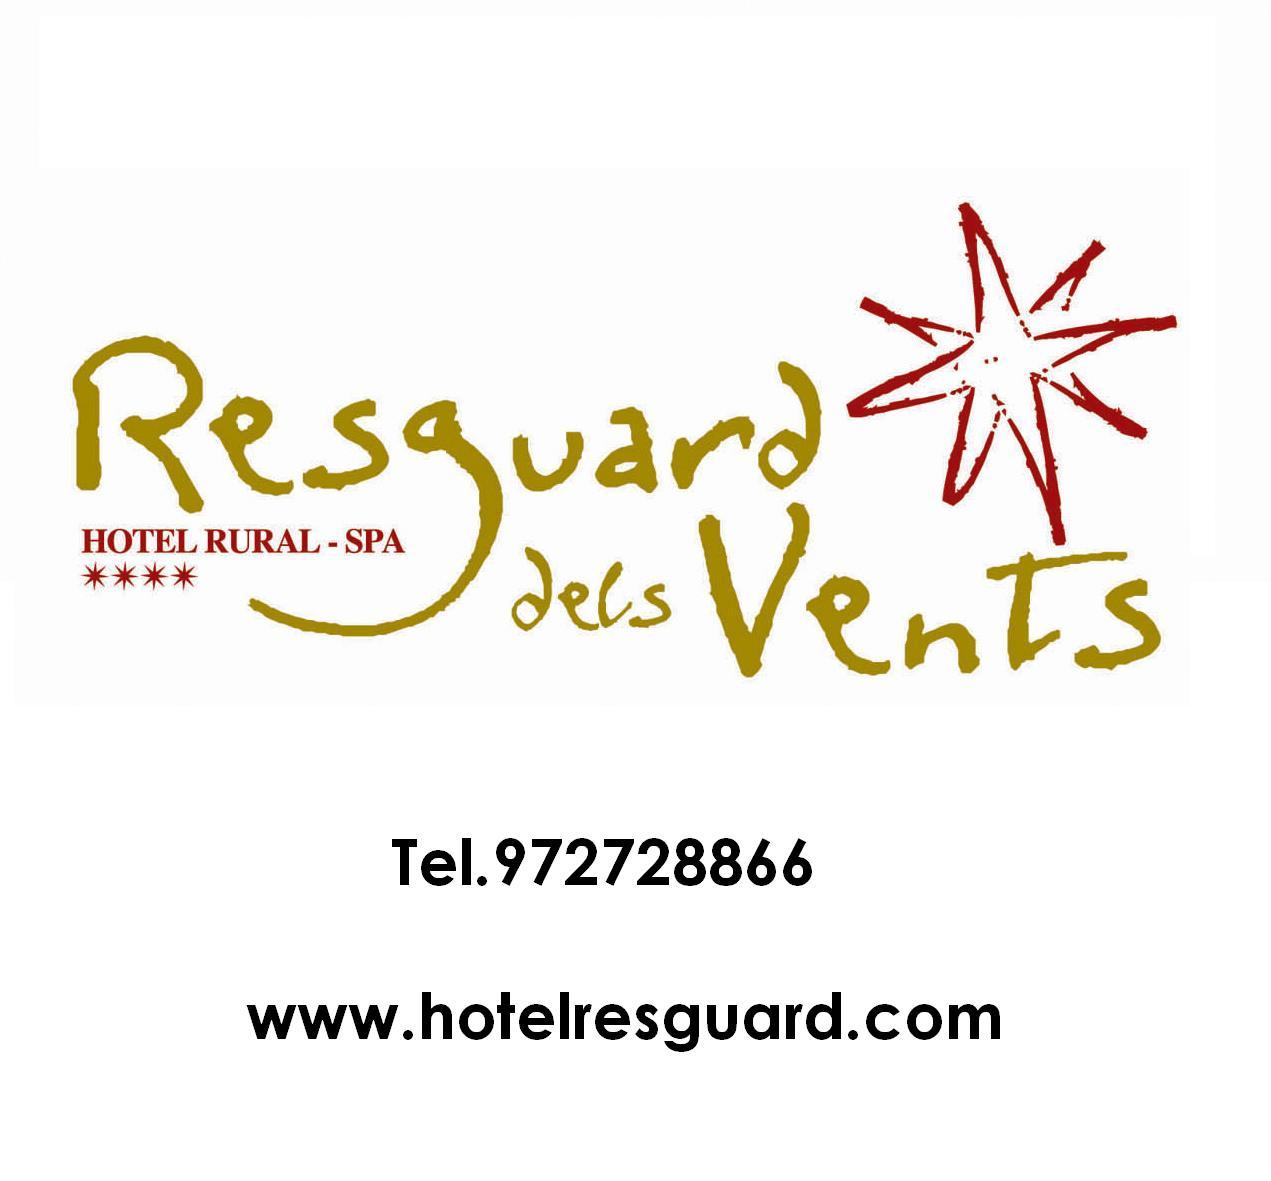 Hotel Resguard dels Vents